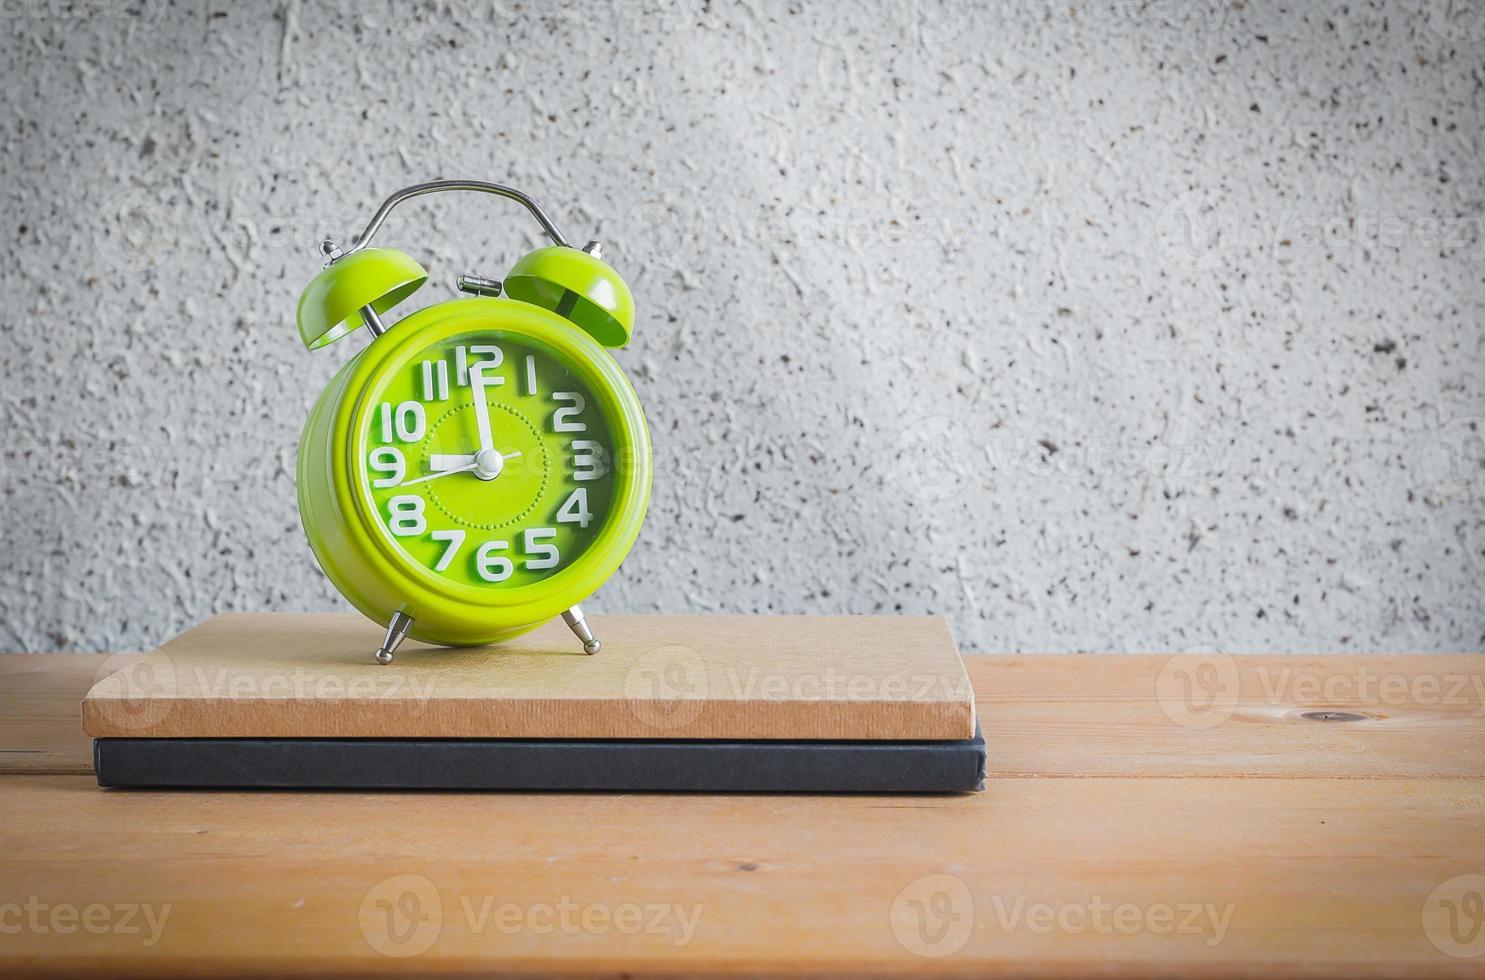 Uhr und Notizbuch auf Holztisch, Stillleben foto